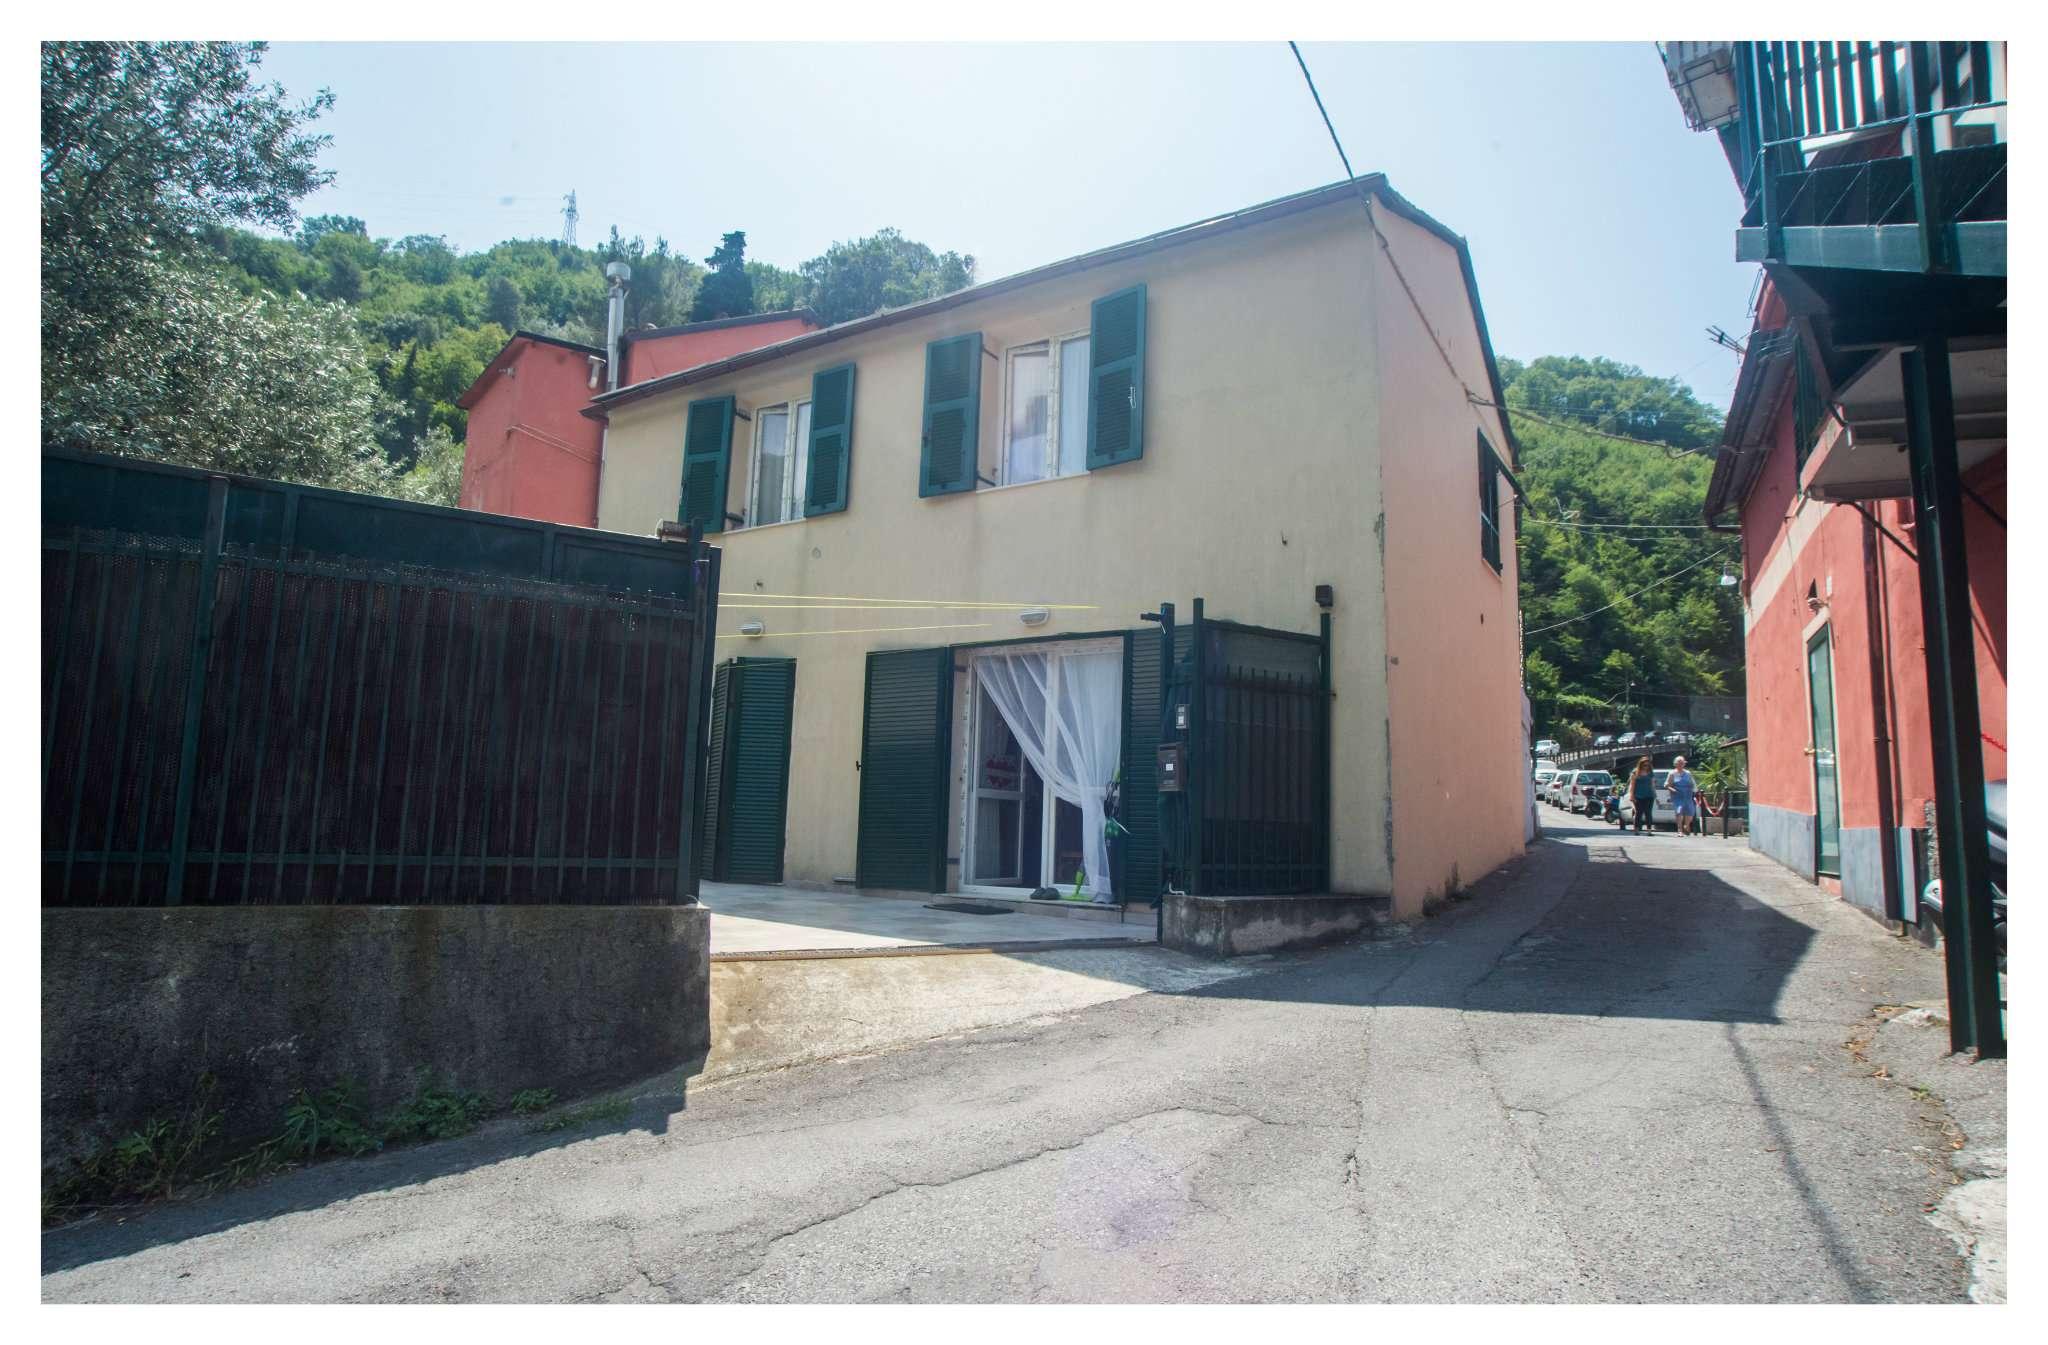 Soluzione Indipendente in vendita a Genova, 4 locali, prezzo € 270.000 | CambioCasa.it